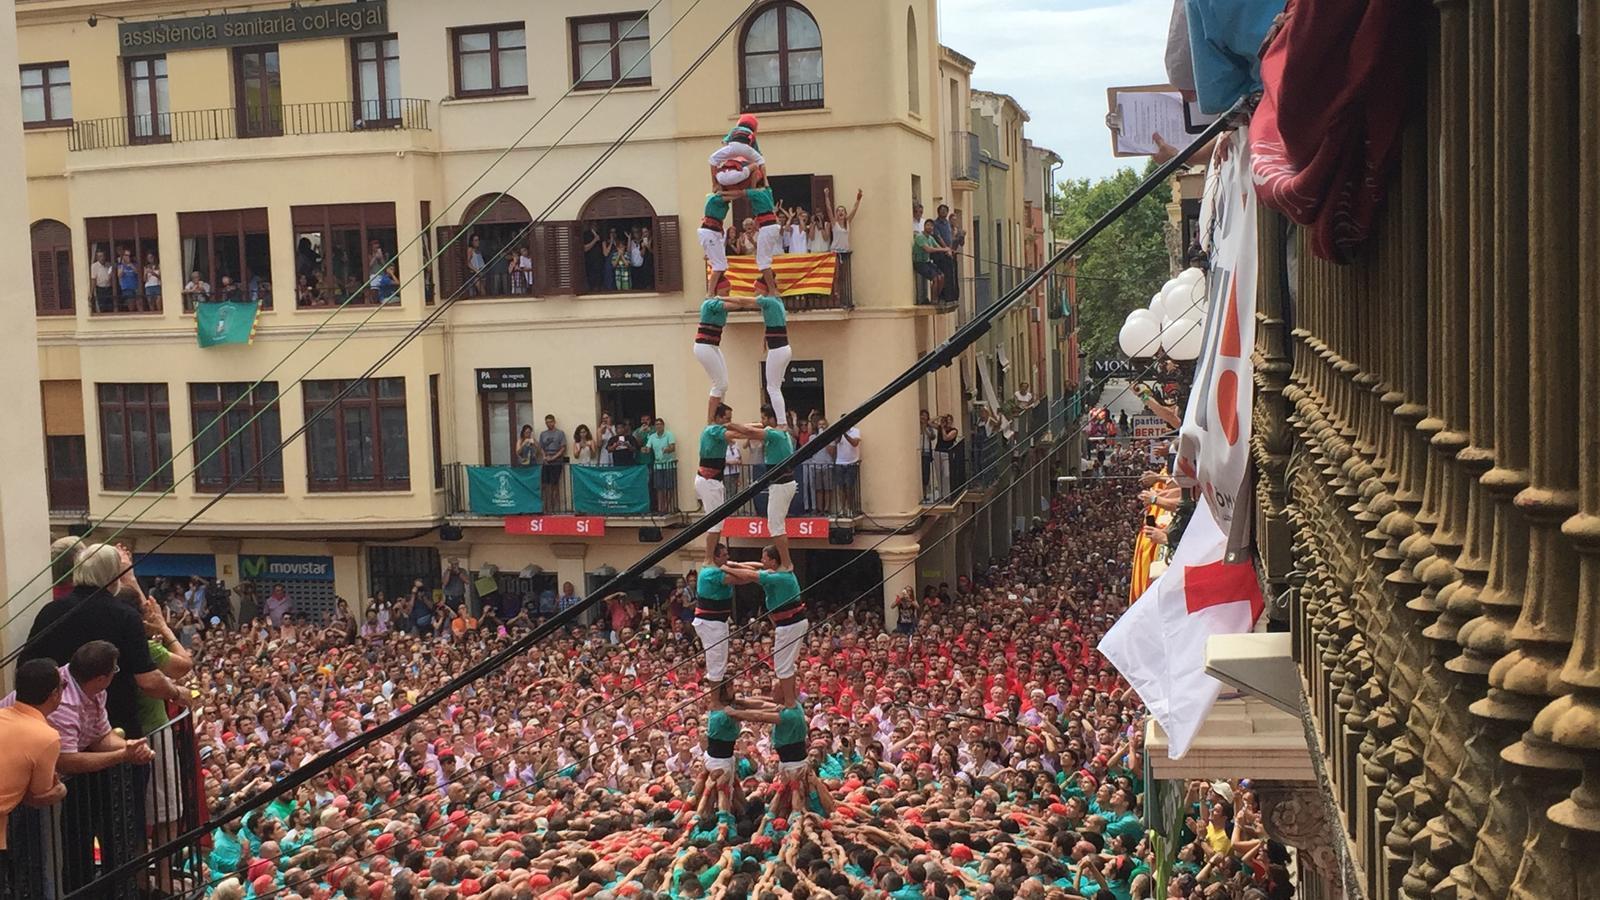 2d8sf descarregat pels Castellers de Vilafranca a la diada de Sant Fèlix